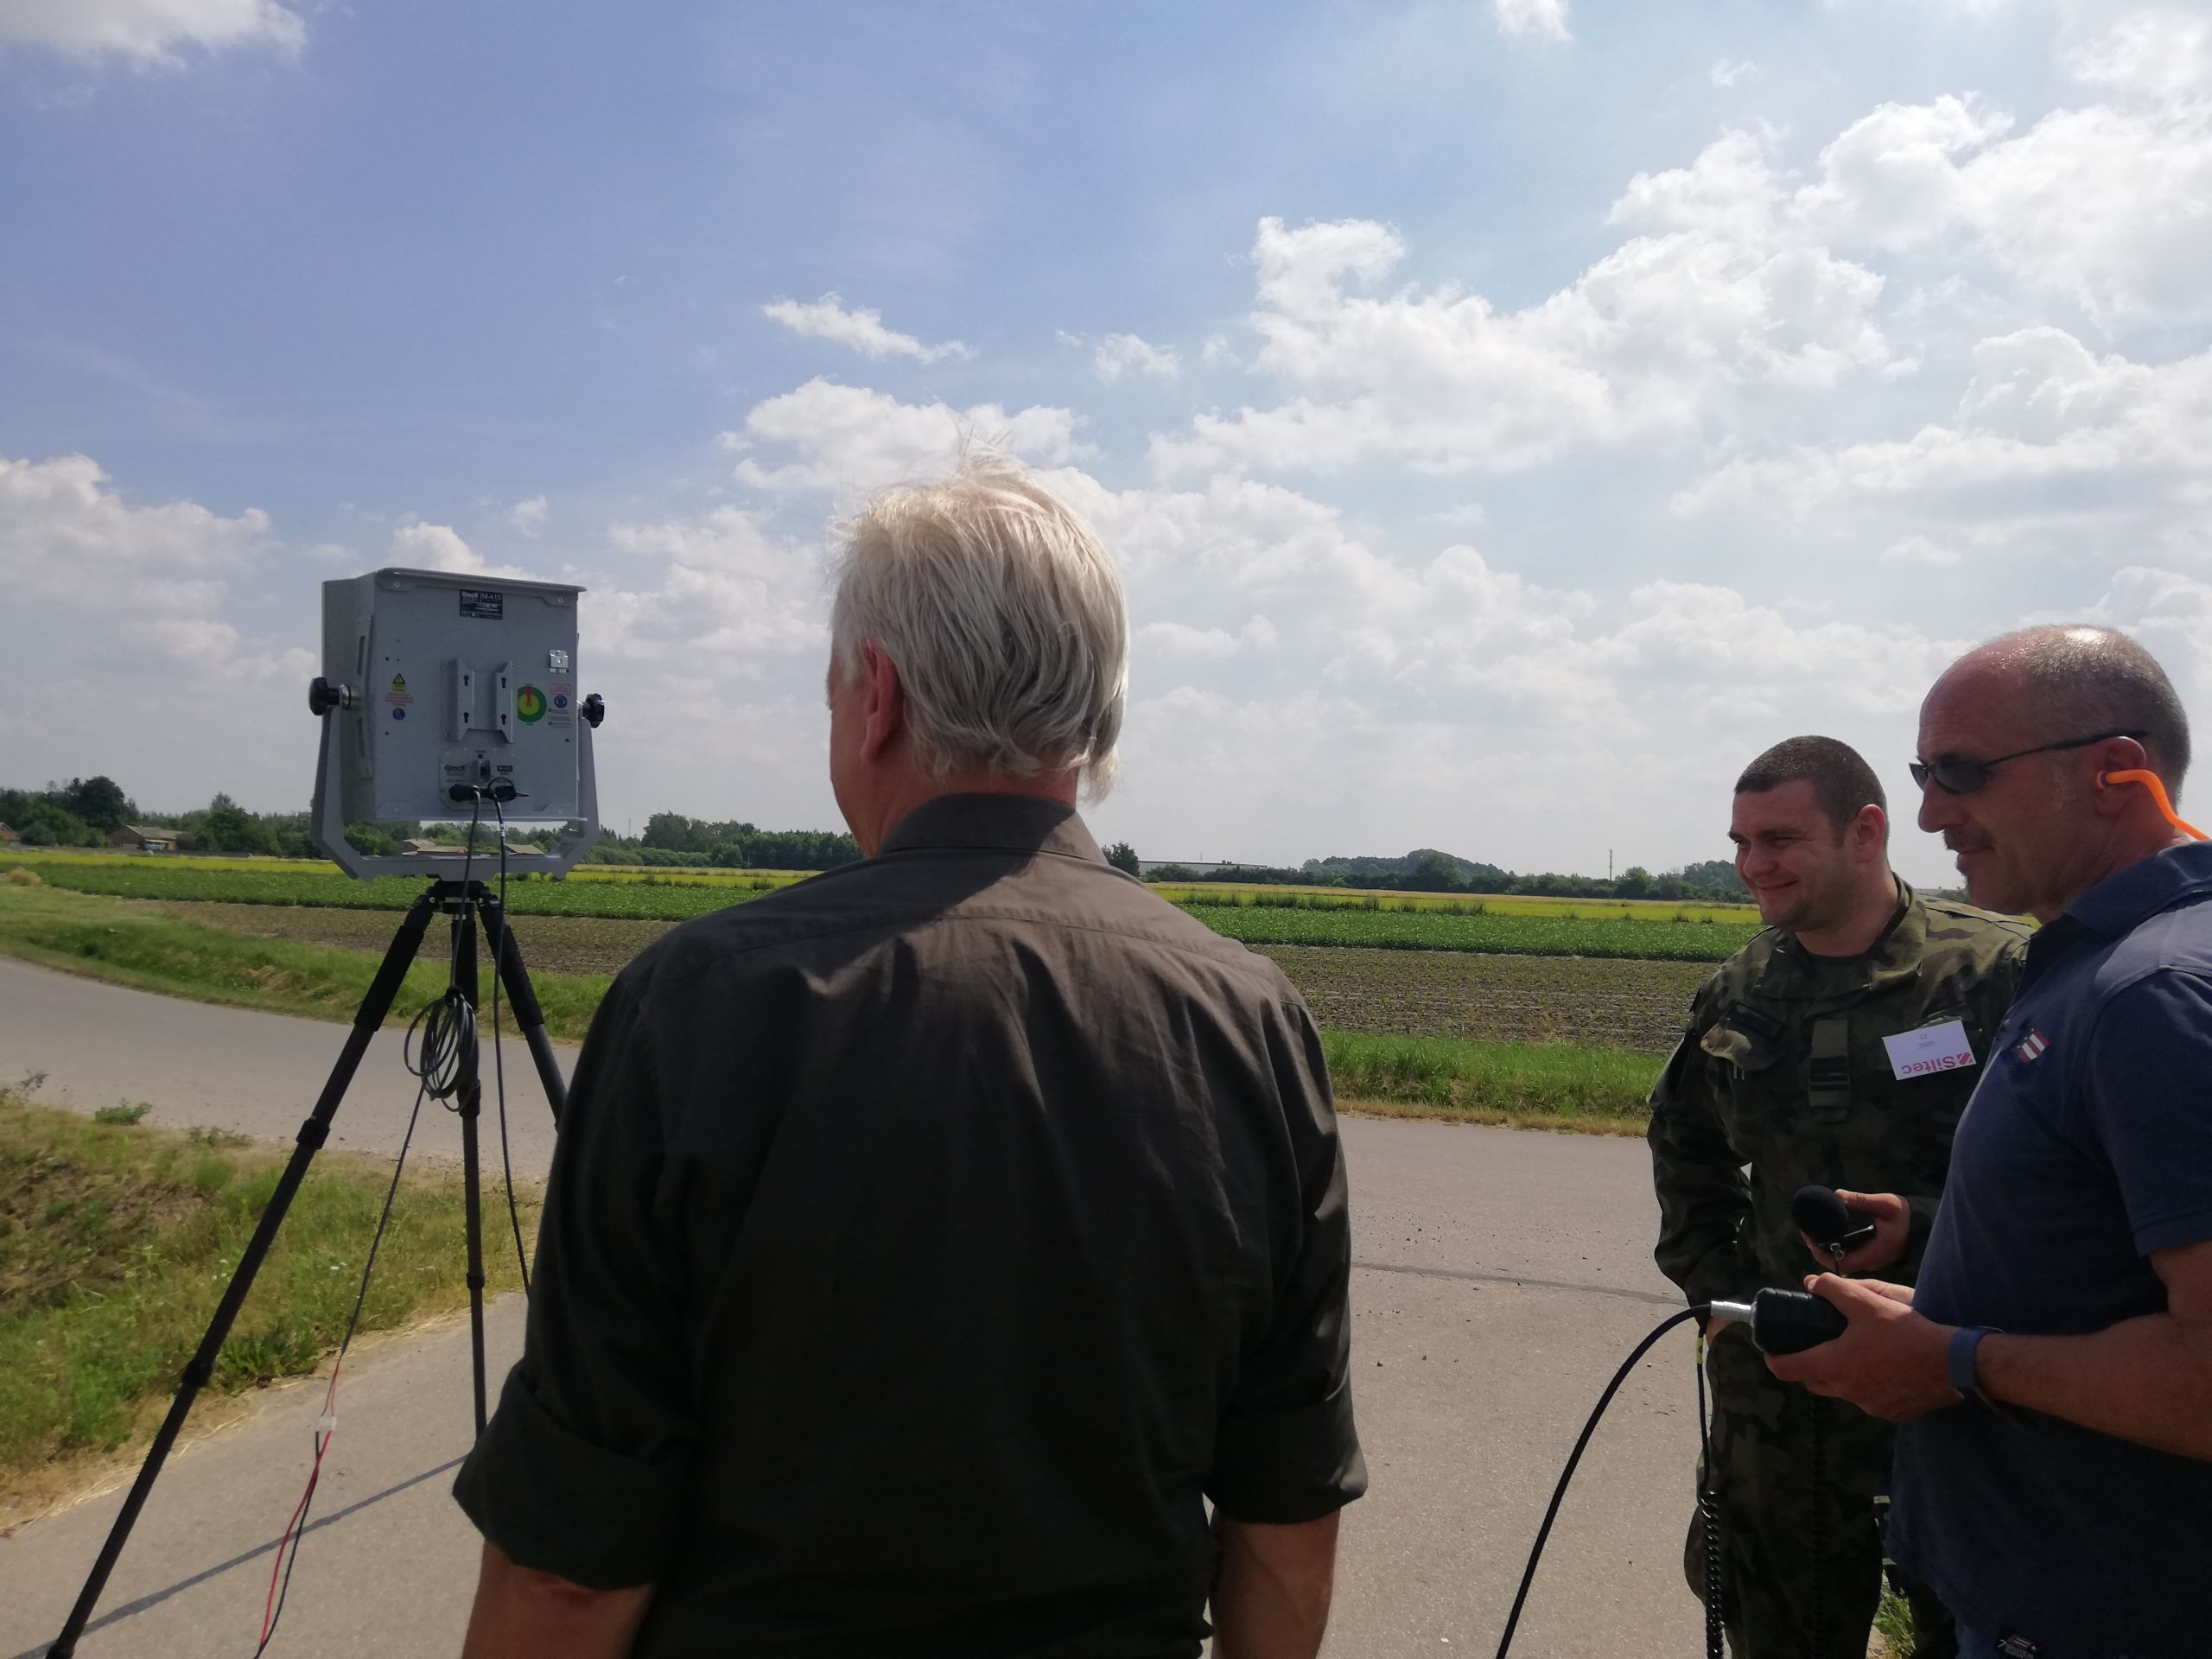 Vorführung AHD Hochleistungs-Lautsprecher M-415 Outdoor Long Range